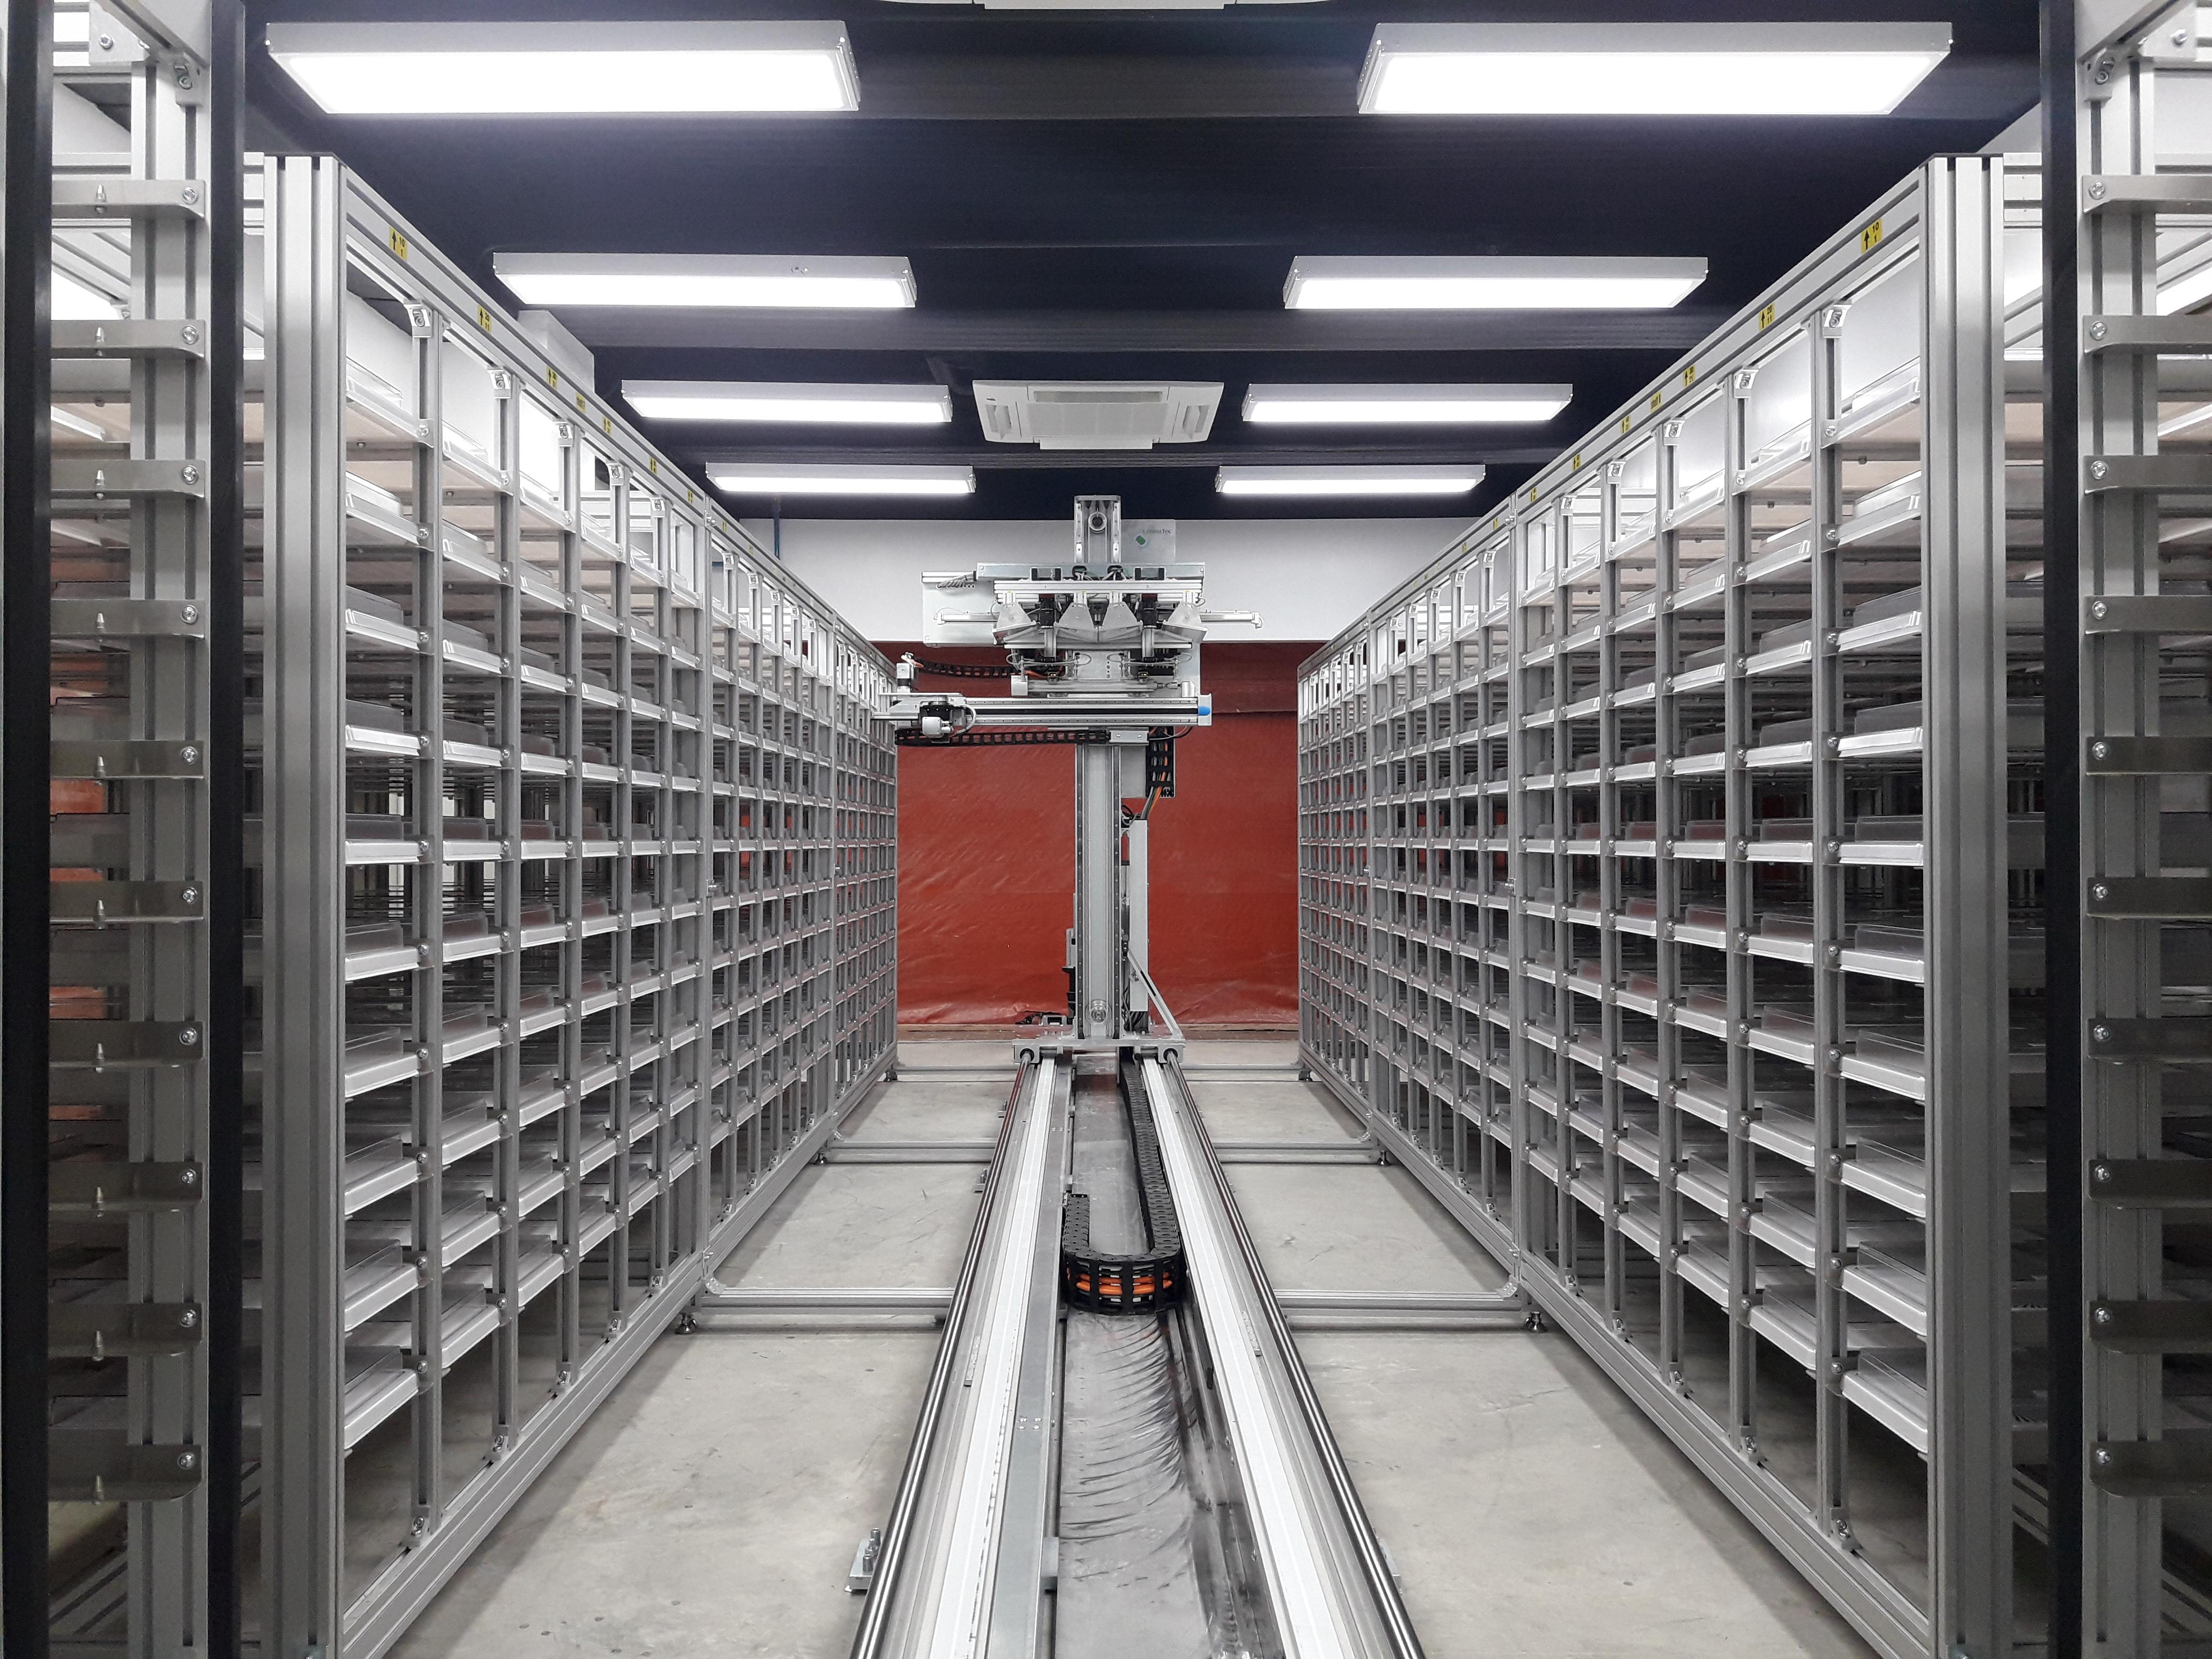 SeedAIxpert HT Shelf System